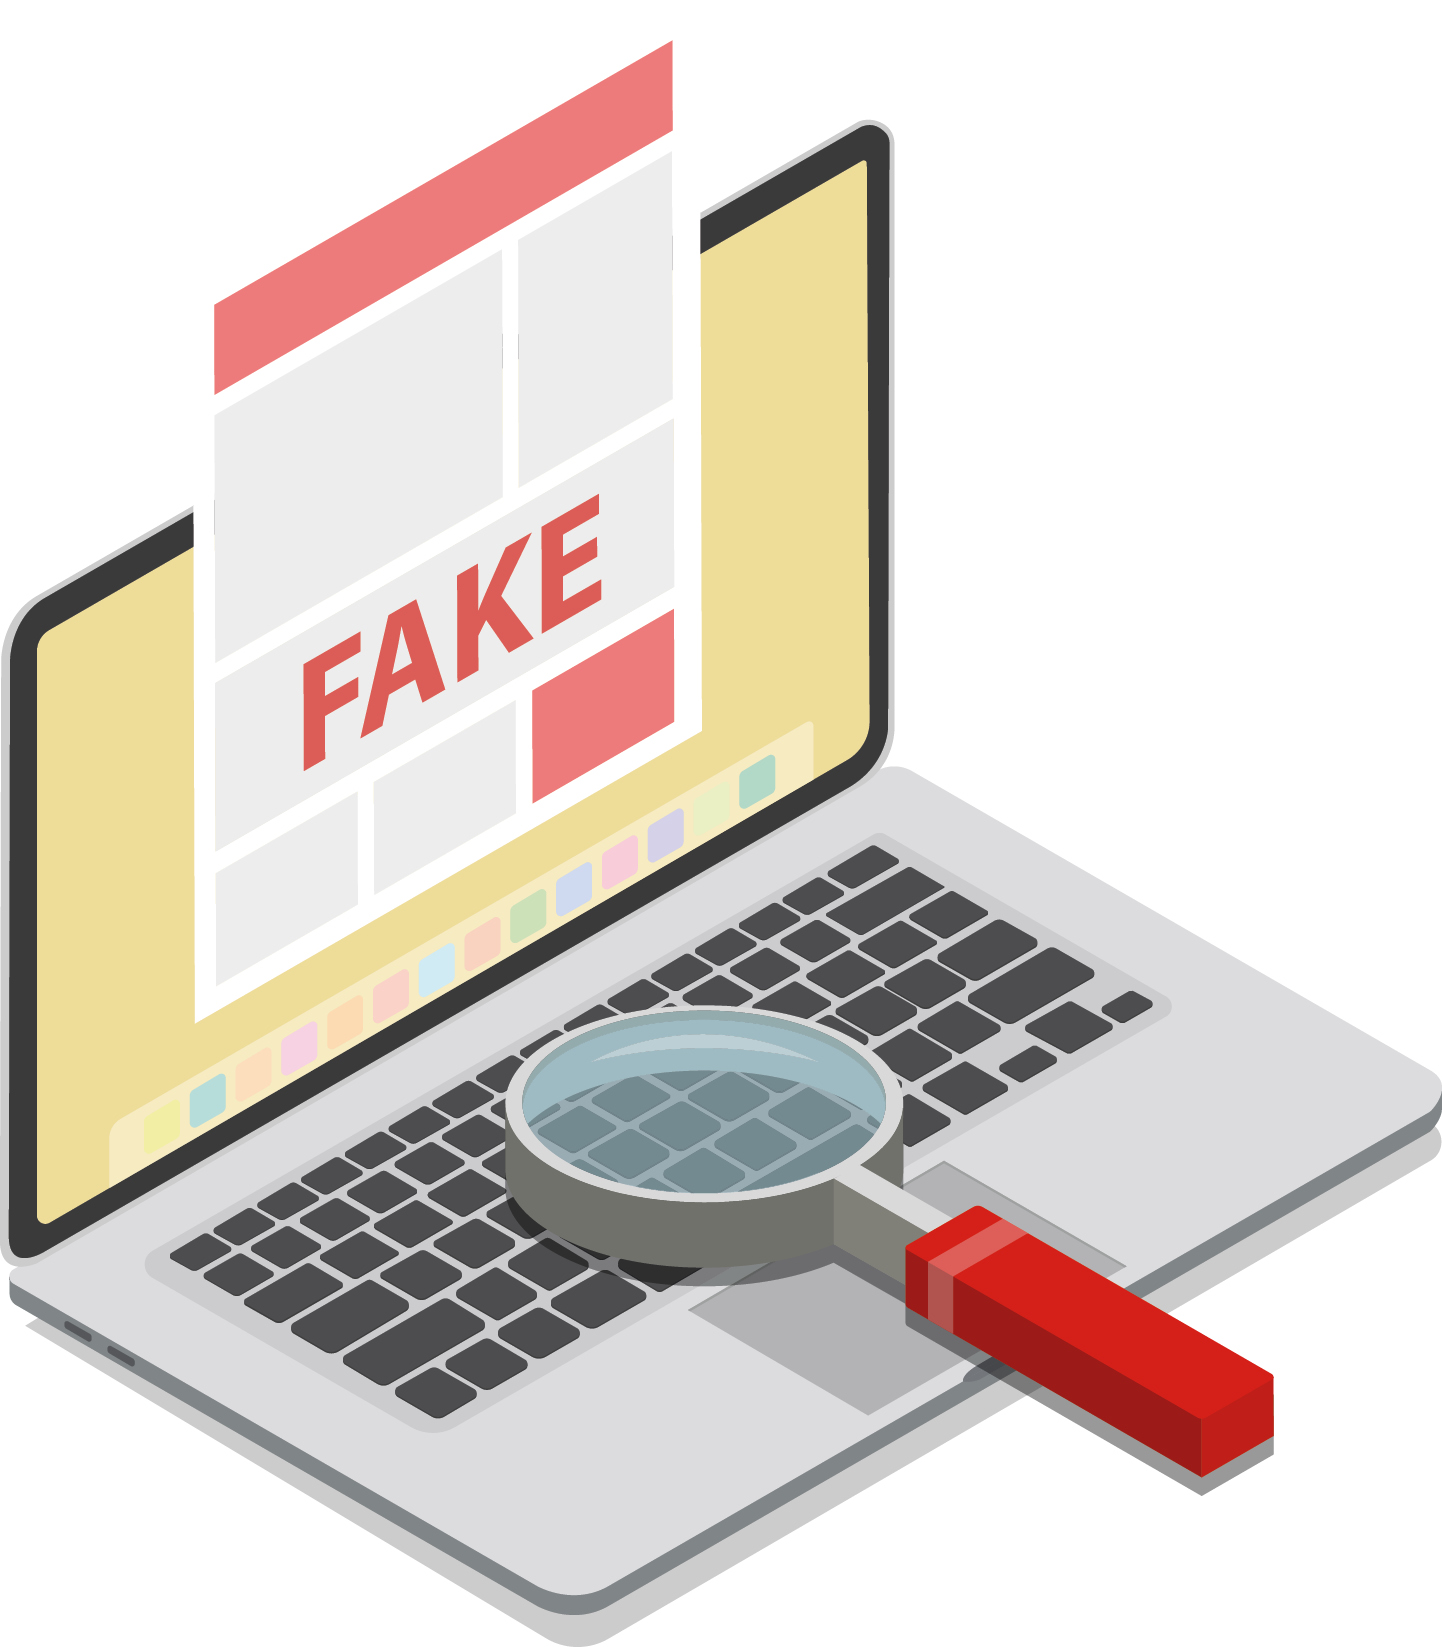 Sistema CNDL em esforço conjunto para combate às fake news